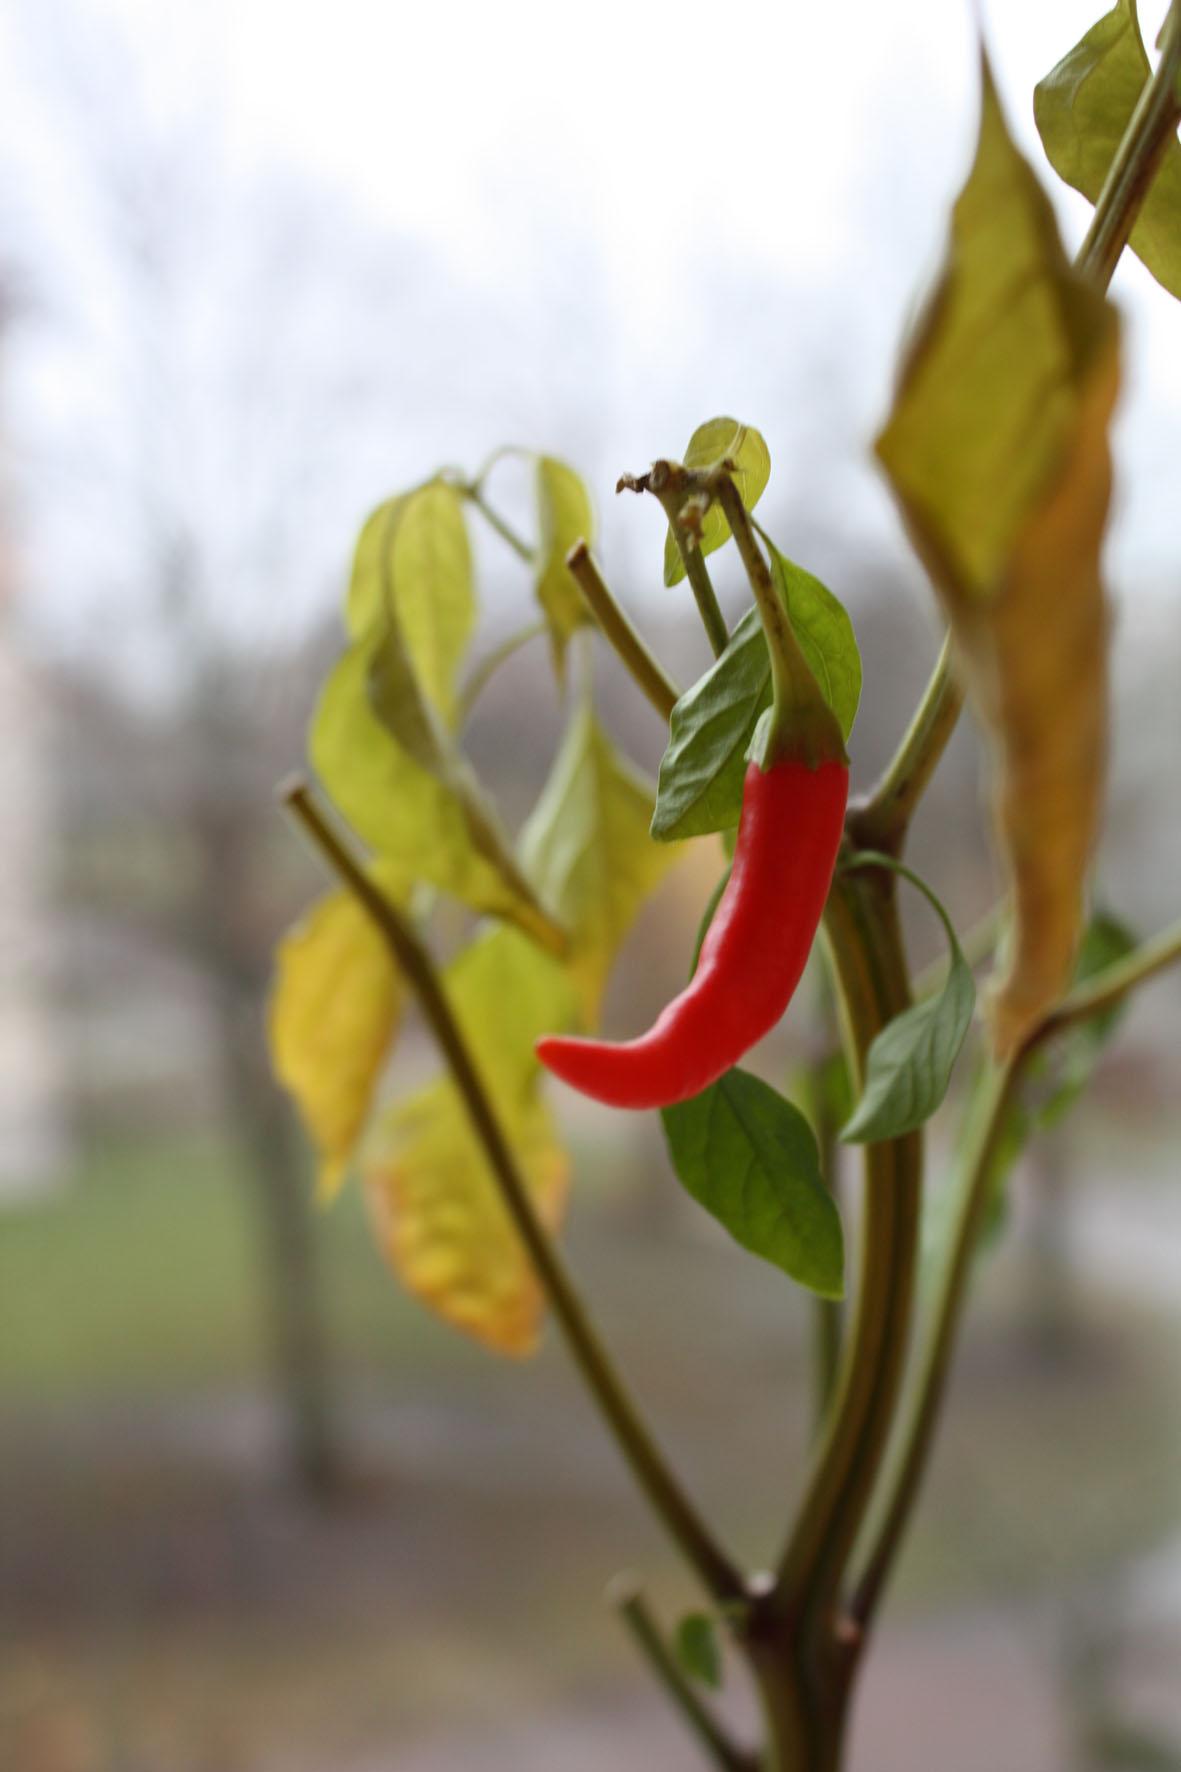 En övervintrad chili lyser upp den grå dagen